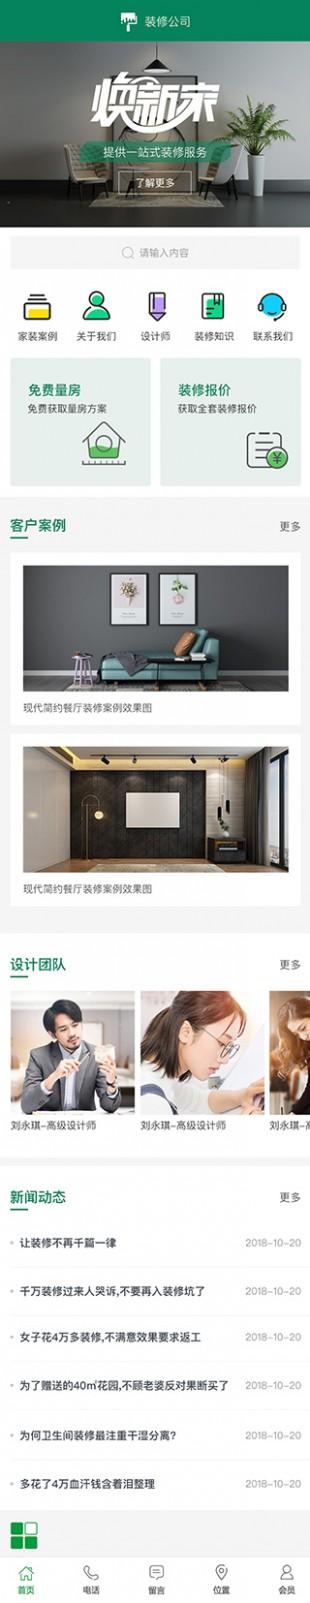 装修装饰网站建设模板手机图片